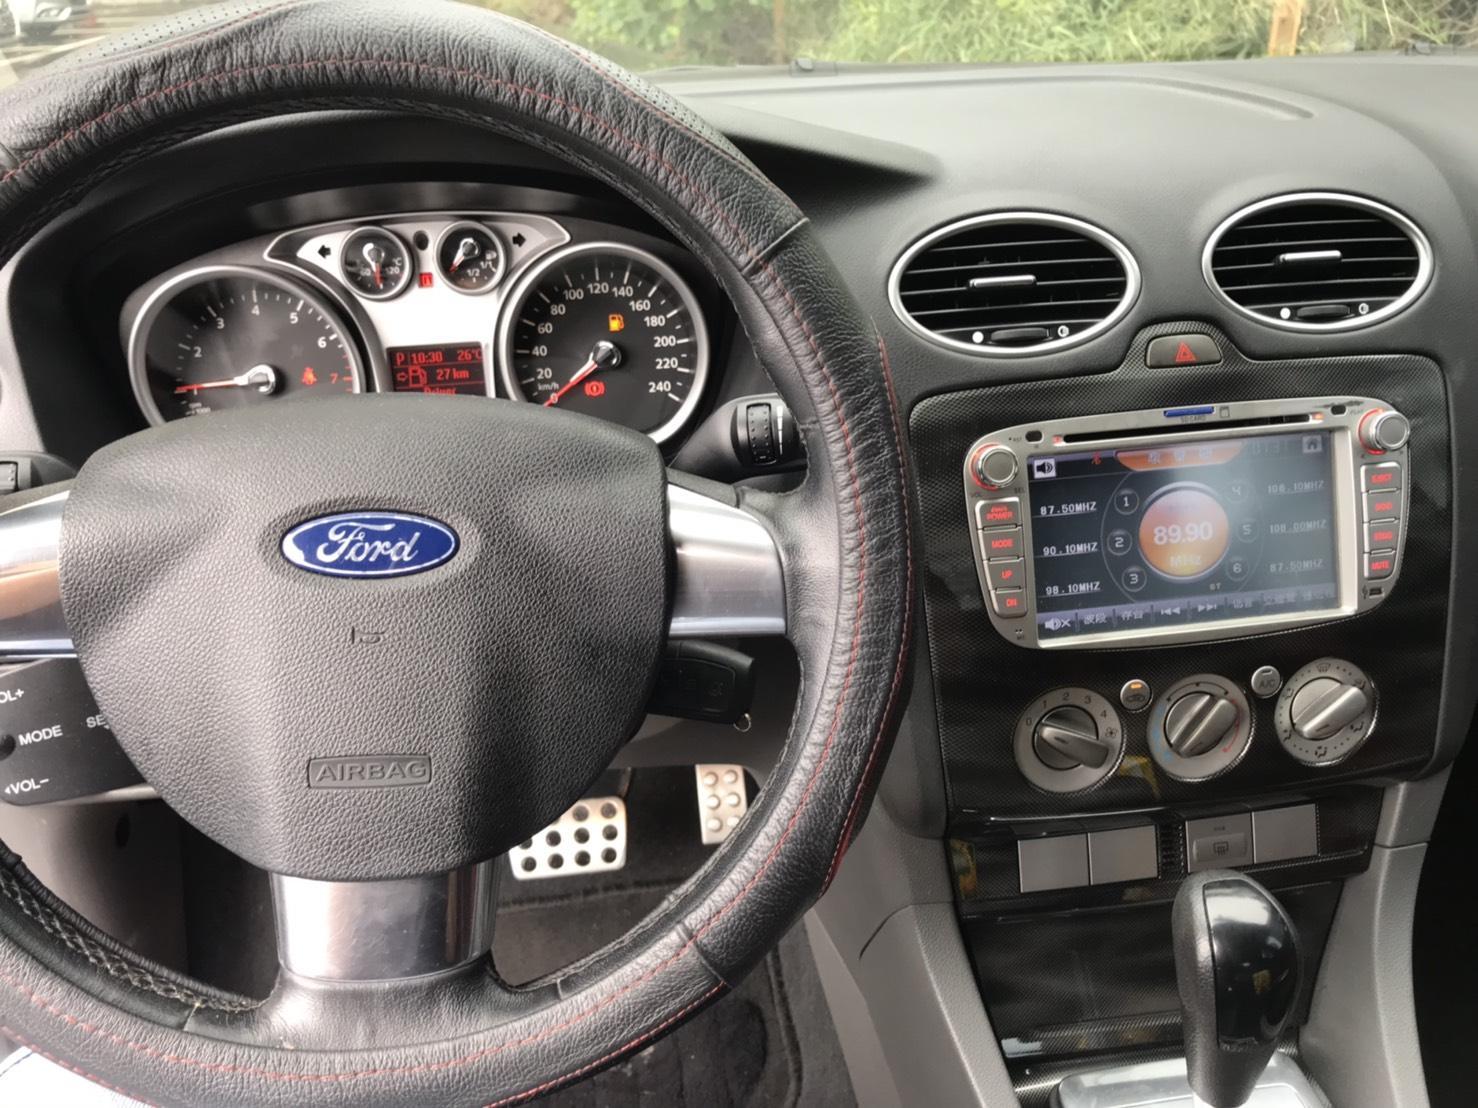 2011年 佛克斯 五門 灰 2.0 熱門車中古車二手車